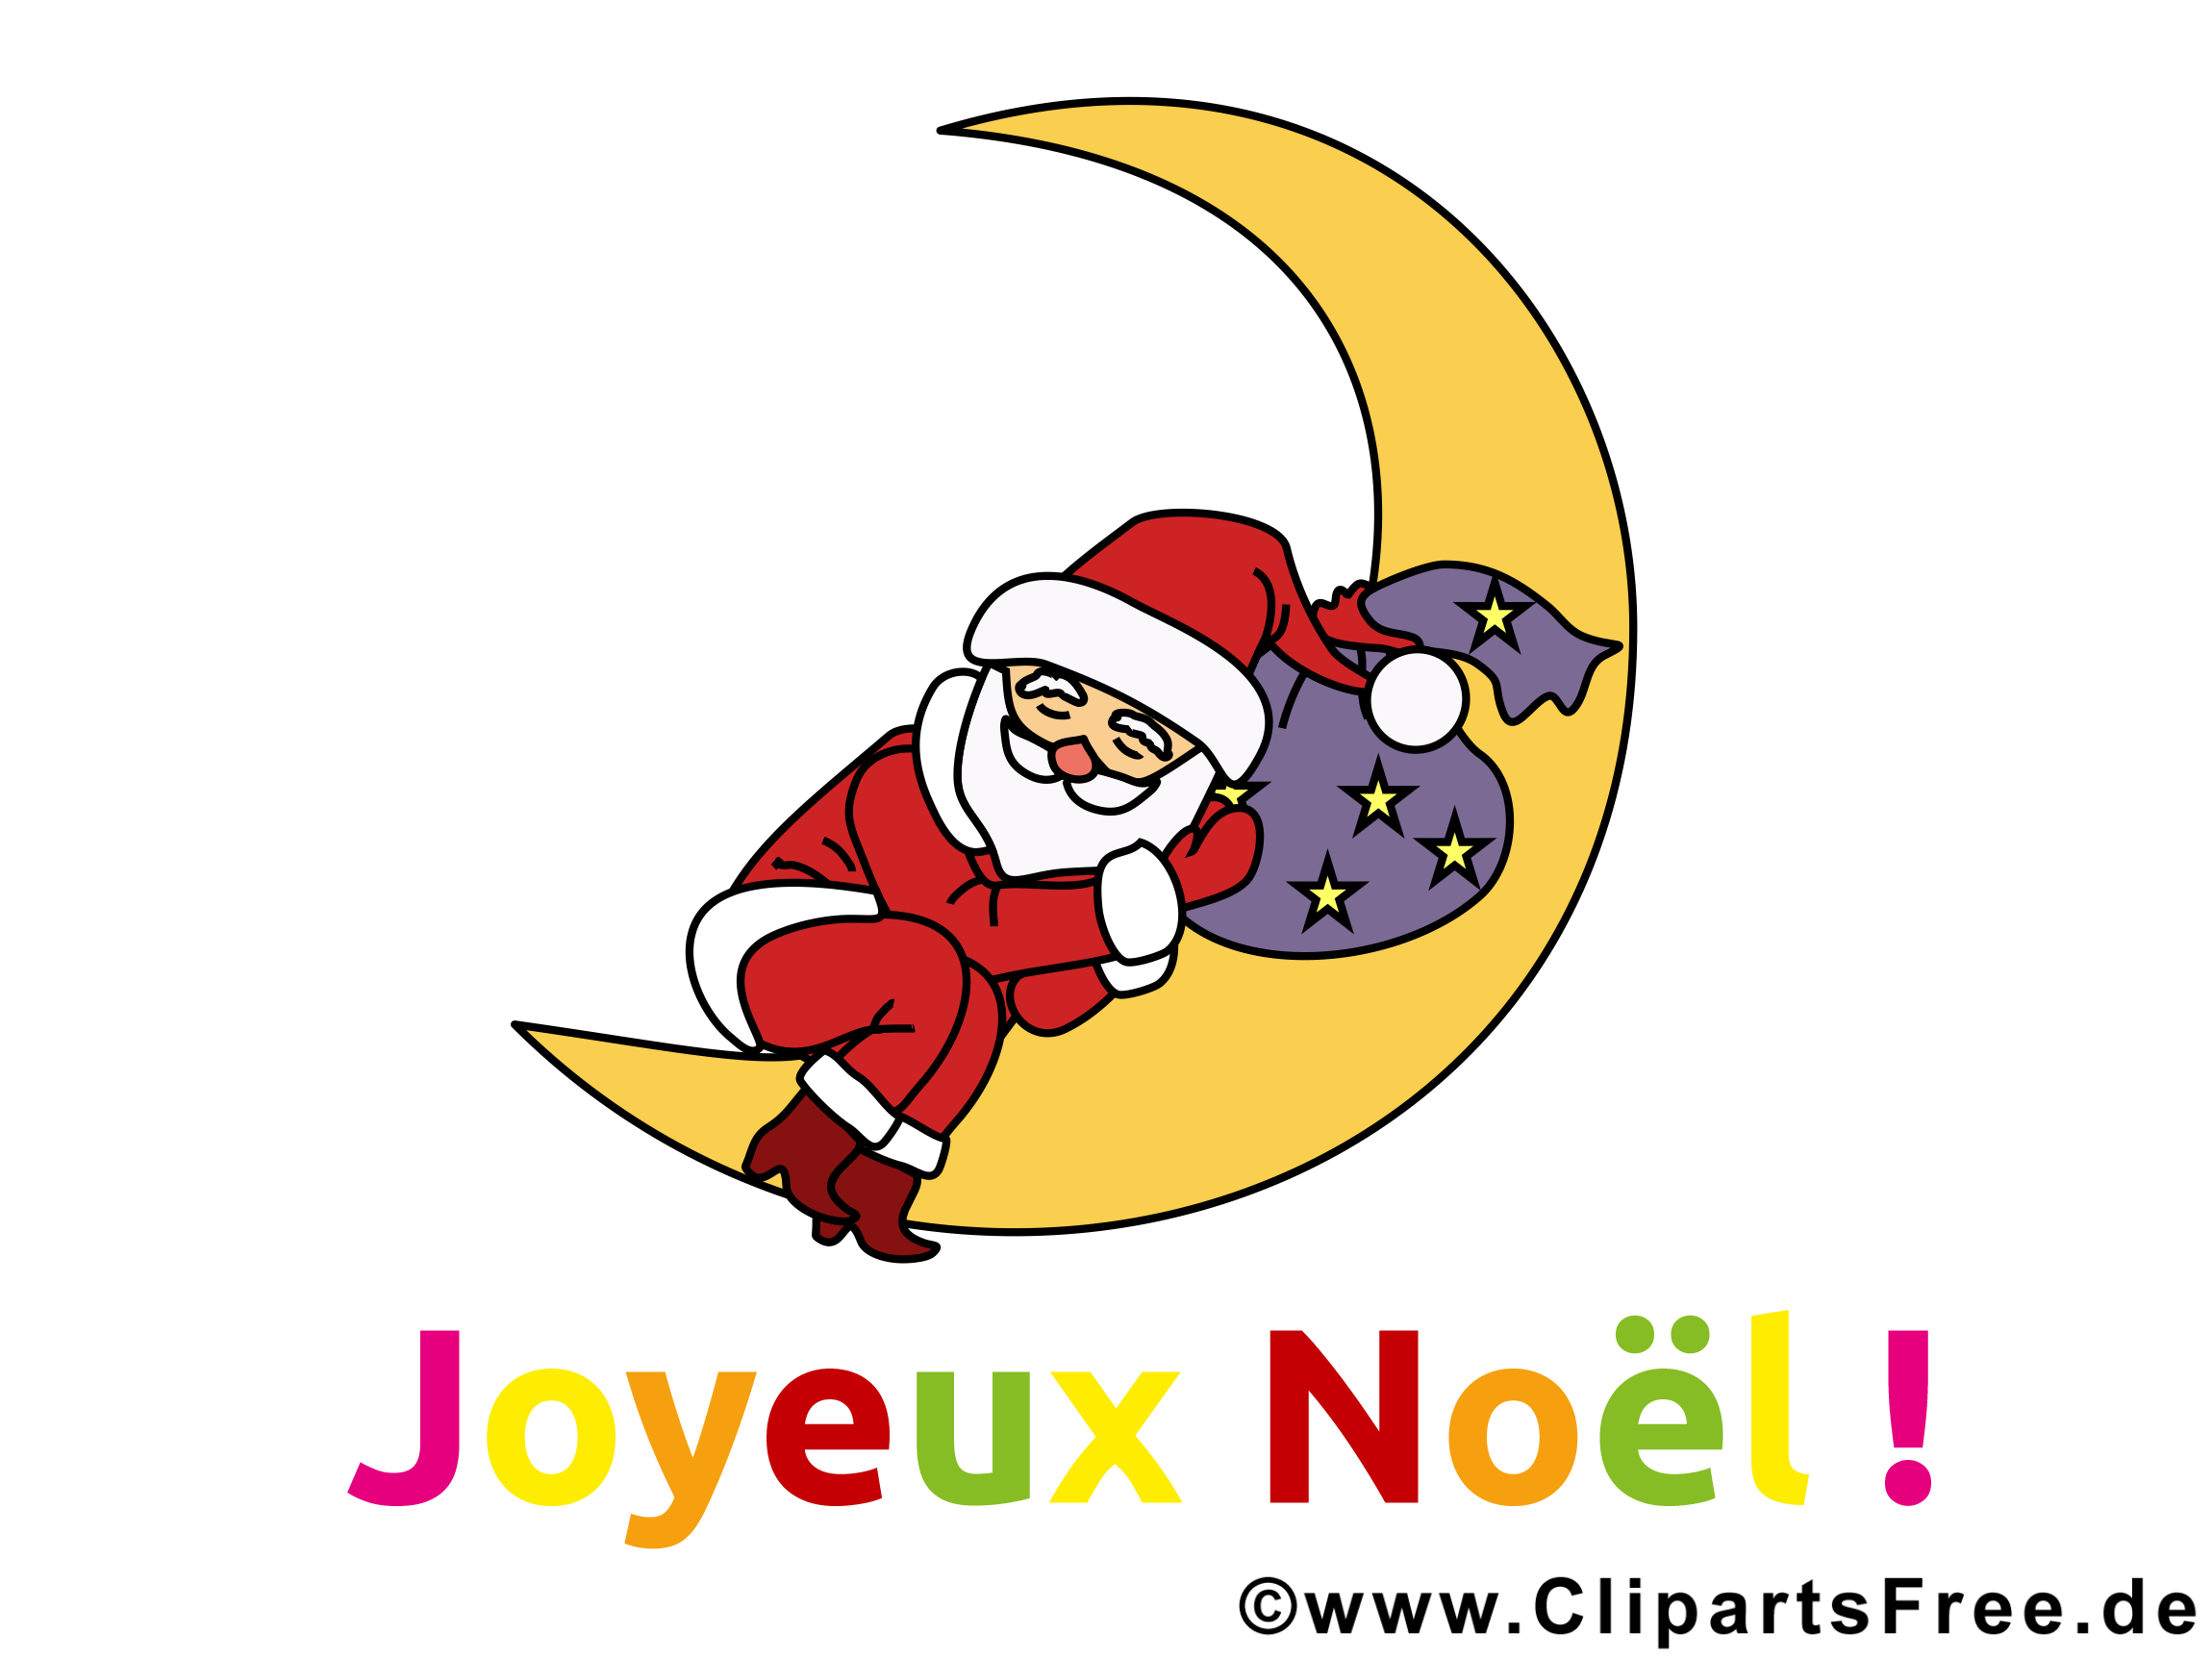 Carte virtuelle joyeux no l gratuite cartes de no l dessin picture image graphic clip art - Images creches de noel gratuites ...